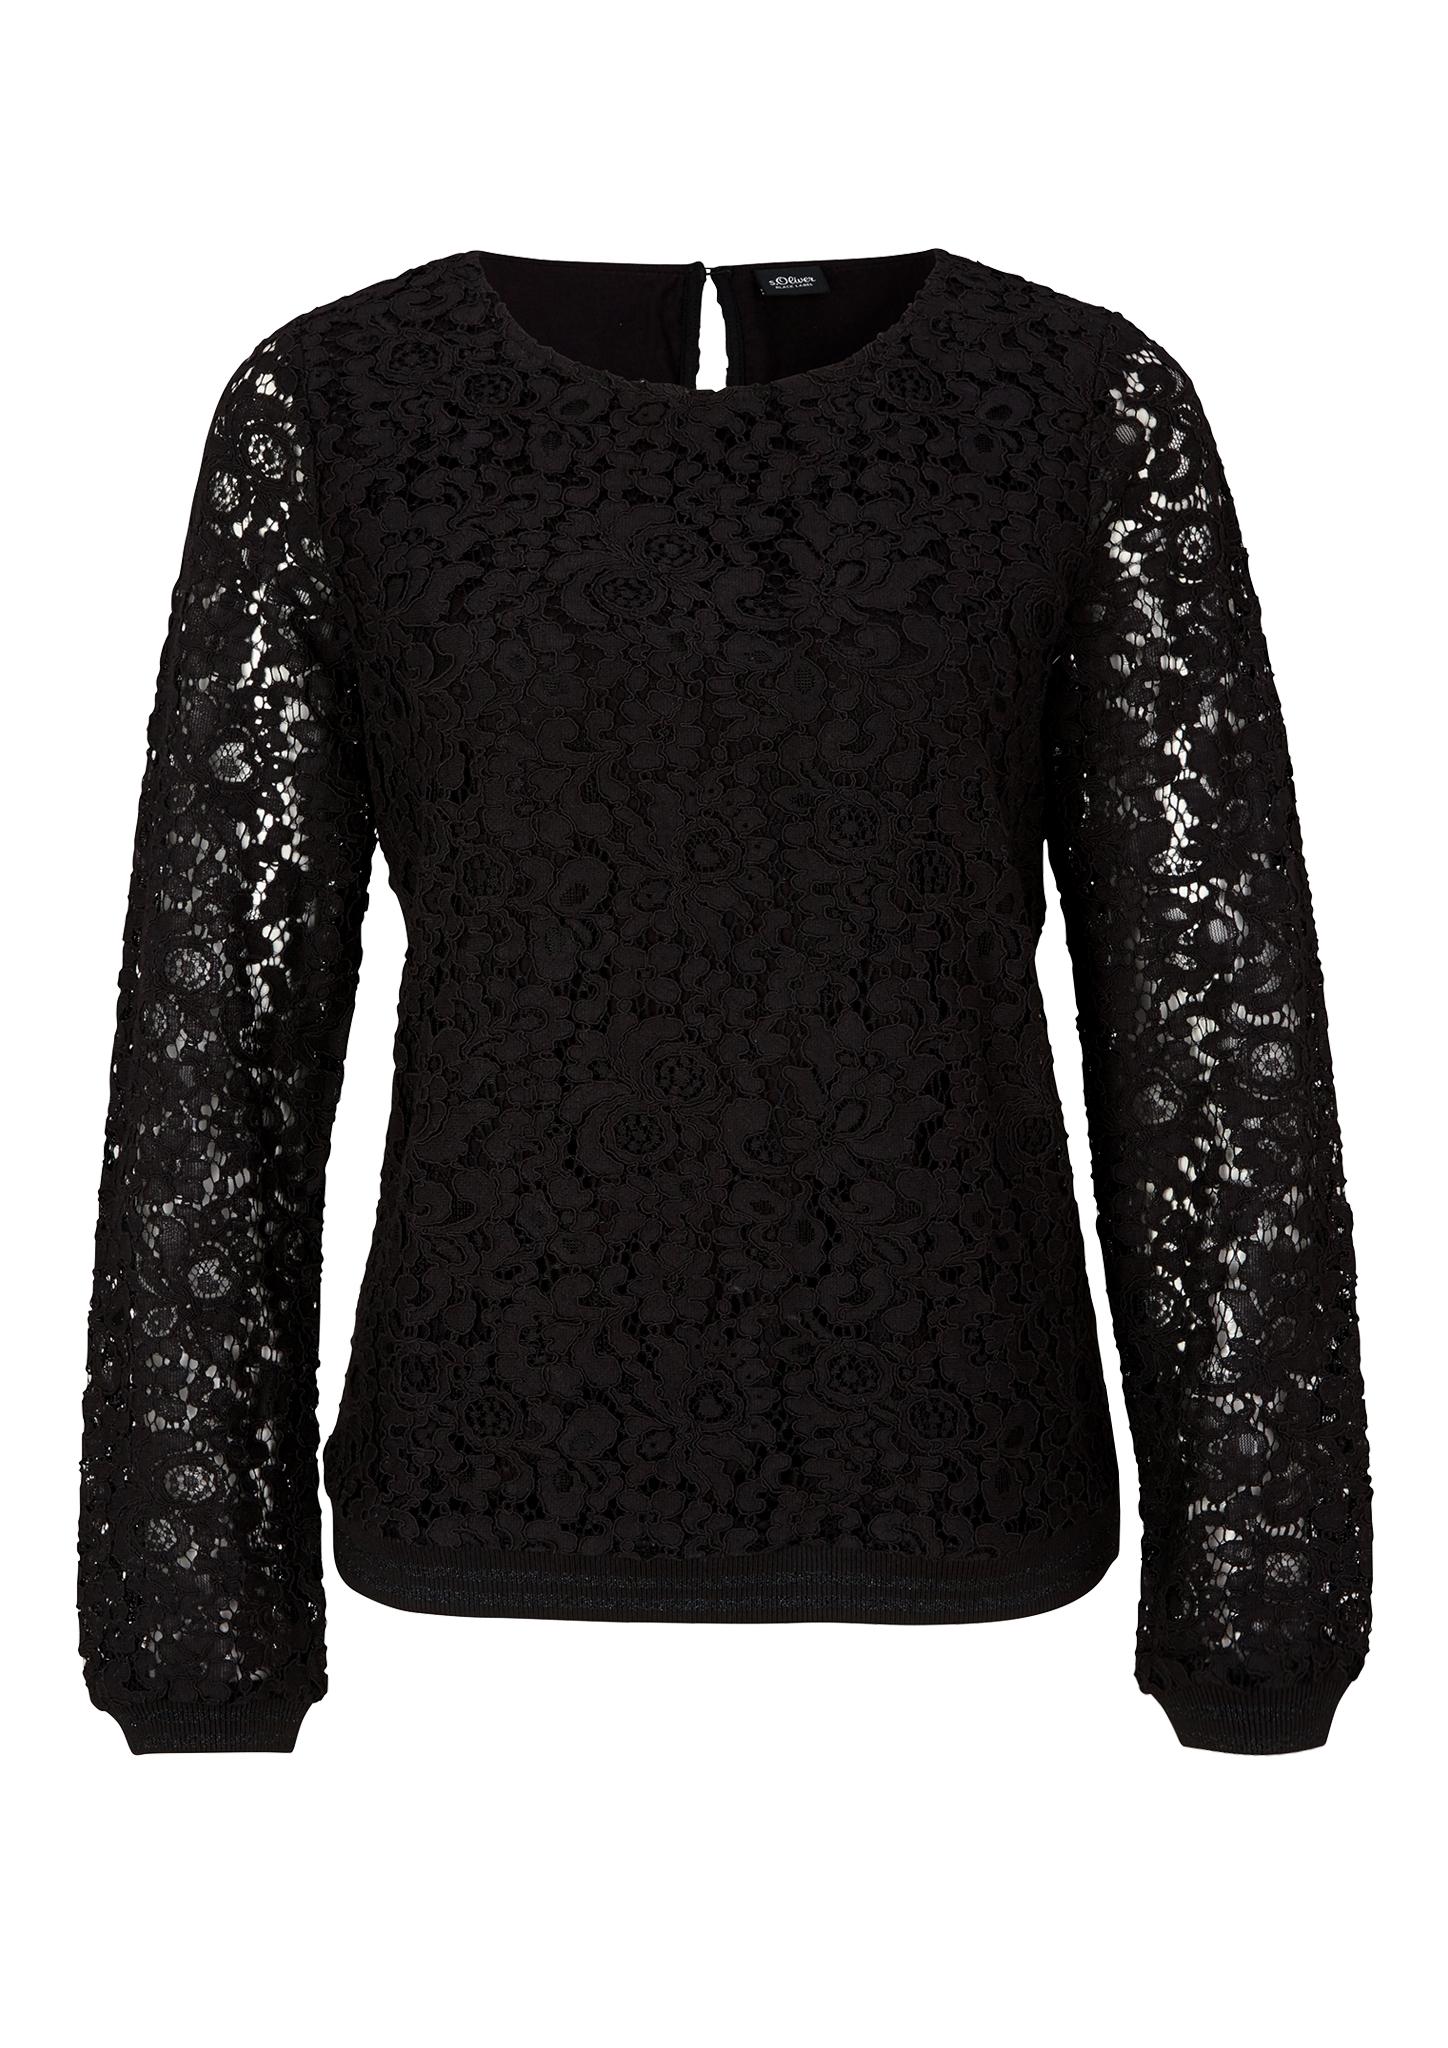 Spitzenshirt | Bekleidung > Shirts > Spitzenshirts | Grau/schwarz | Oberstoff: 65% baumwolle -  35% polyamid| futter: 95% viskose -  5% elasthan| bund 98% polyester -  2% elasthan | s.Oliver BLACK LABEL